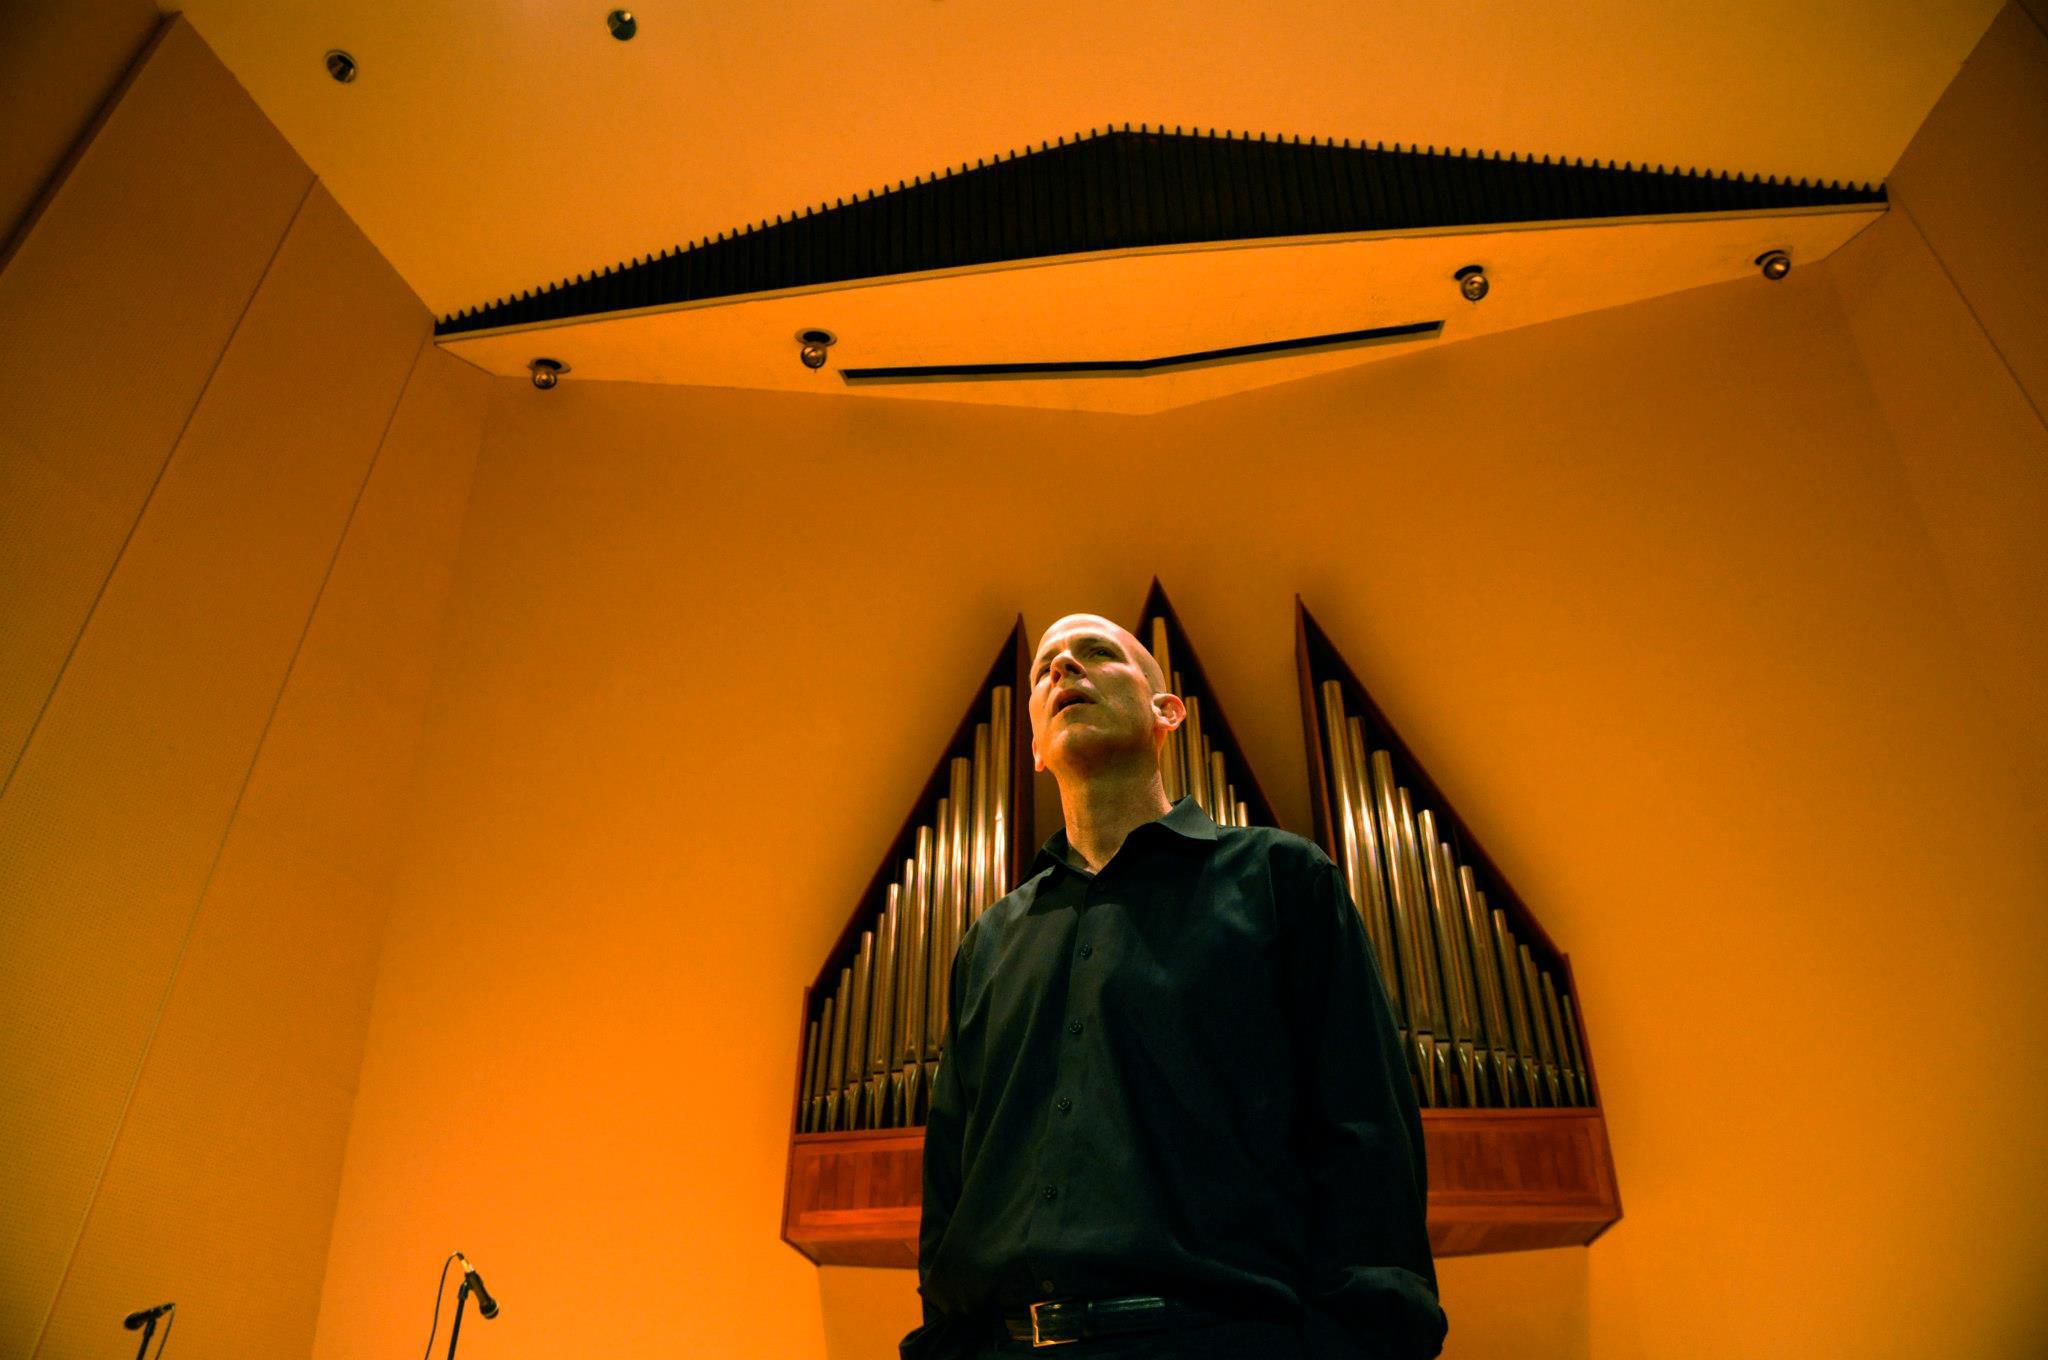 Tom Hall - www.freeimprovisation.com